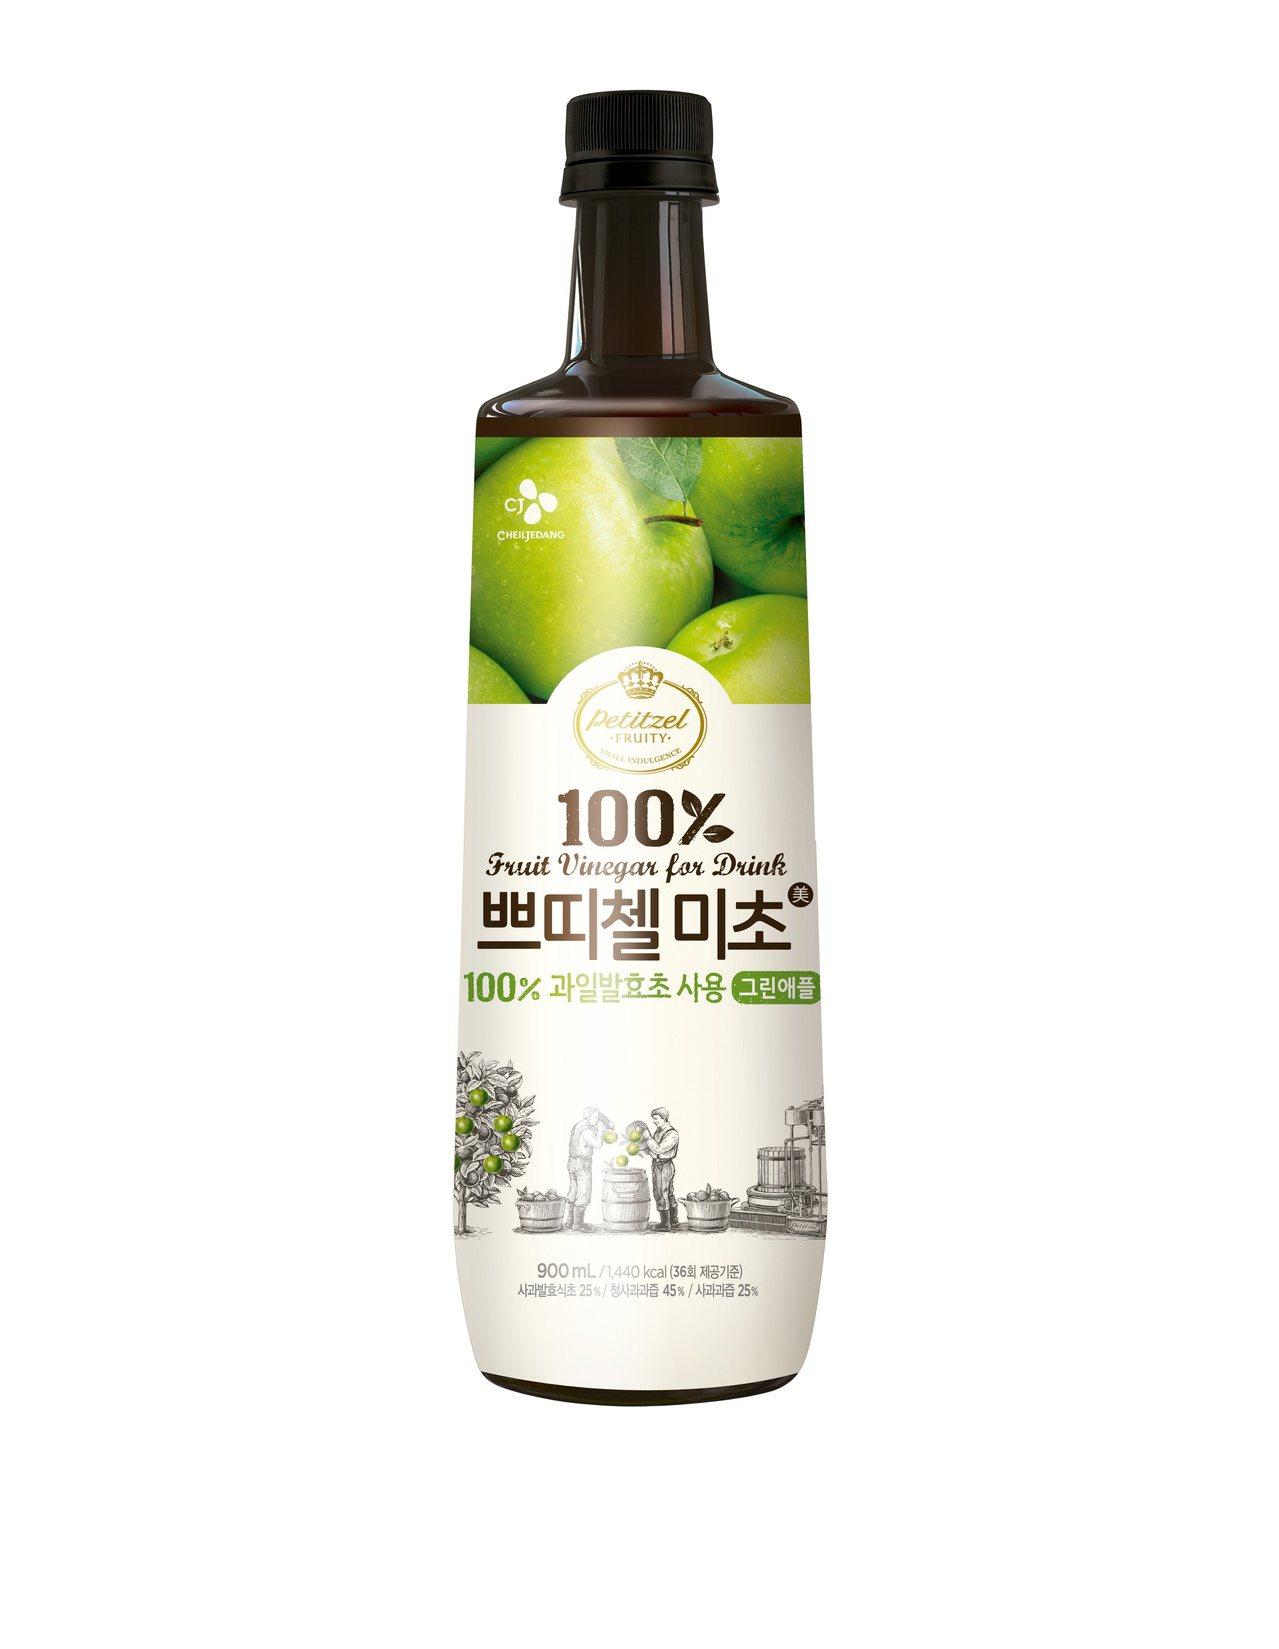 無色素、無甜味劑、無防腐劑的青蘋果果醋,是消油解膩的最佳飲品,而且入菜入酒都另有...